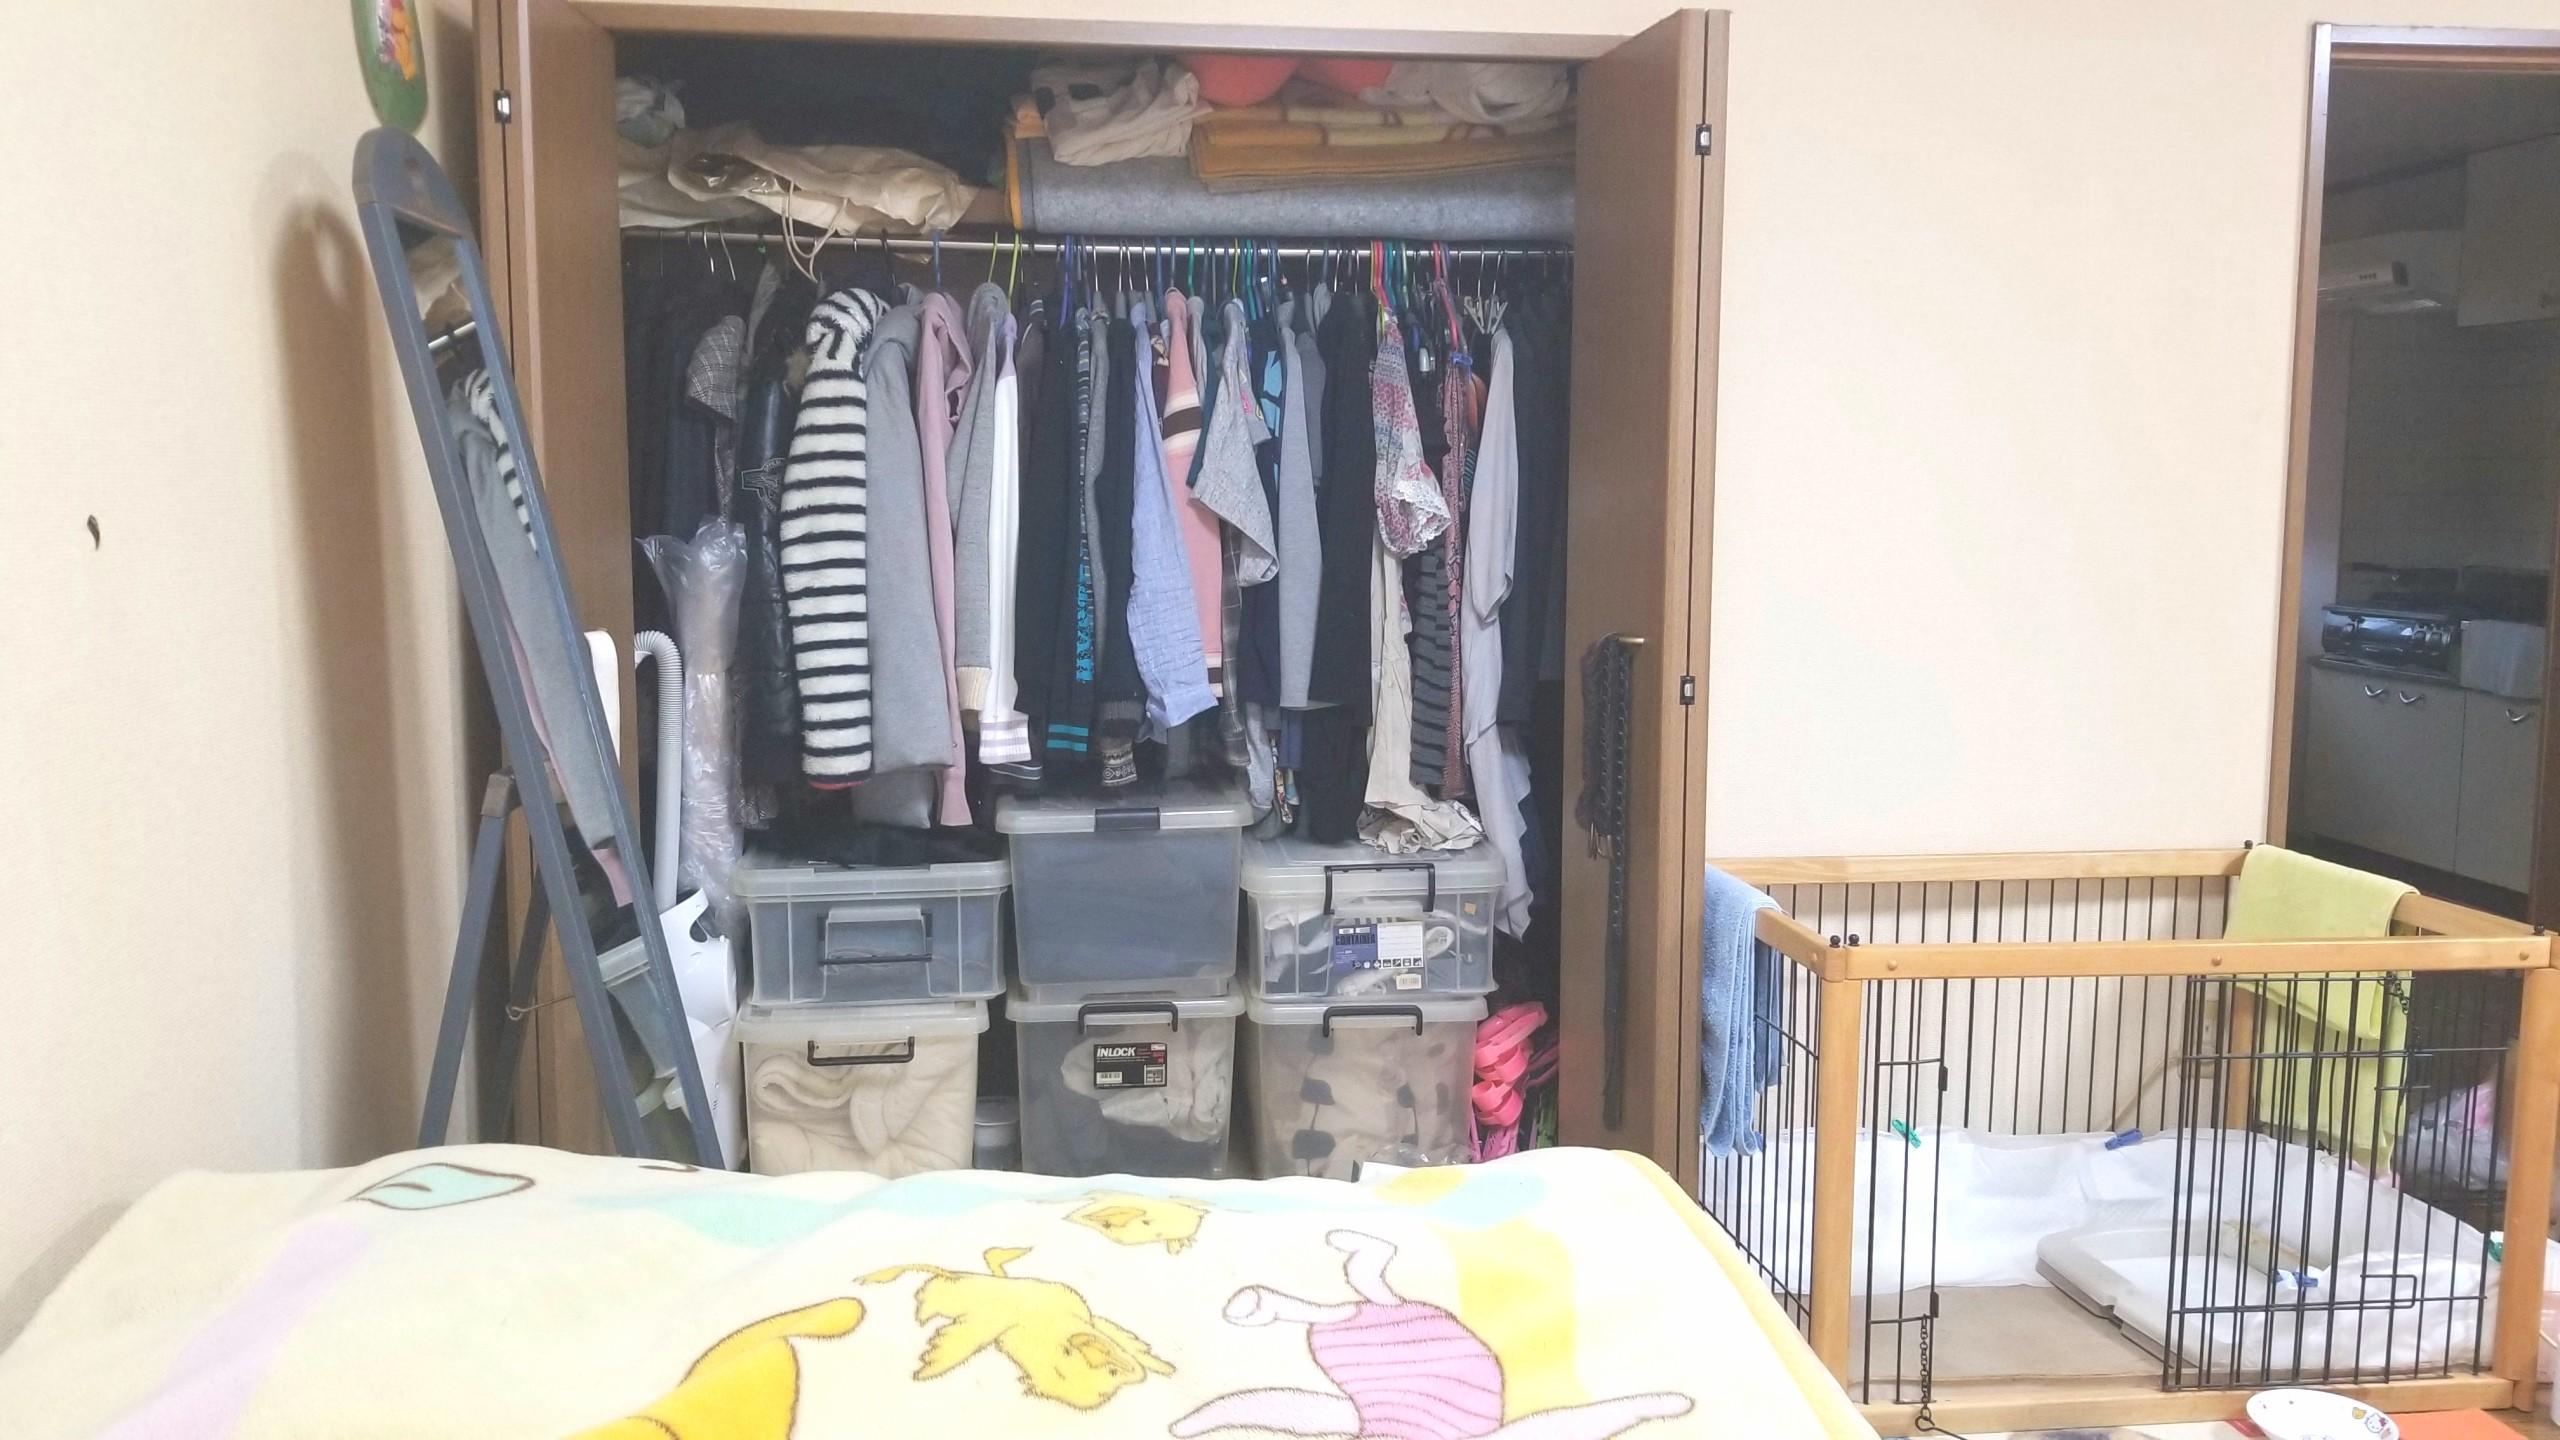 女の子の部屋,クローゼット,片付け掃除,整理収納,統一感,ワンルーム